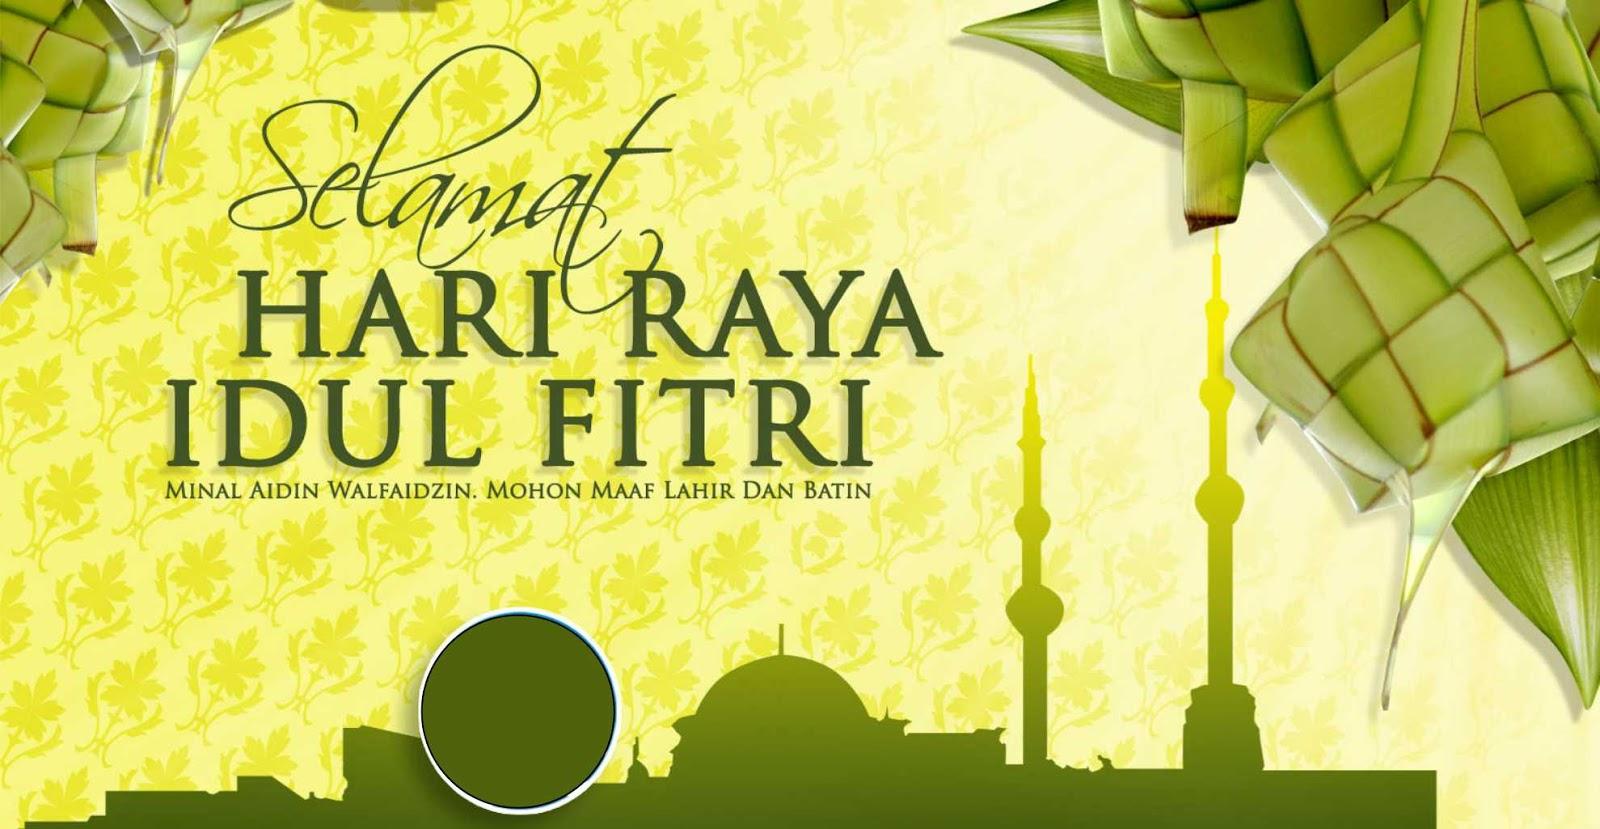 Ucapan Selamat Idul Fitri 1437H Tahun 2016